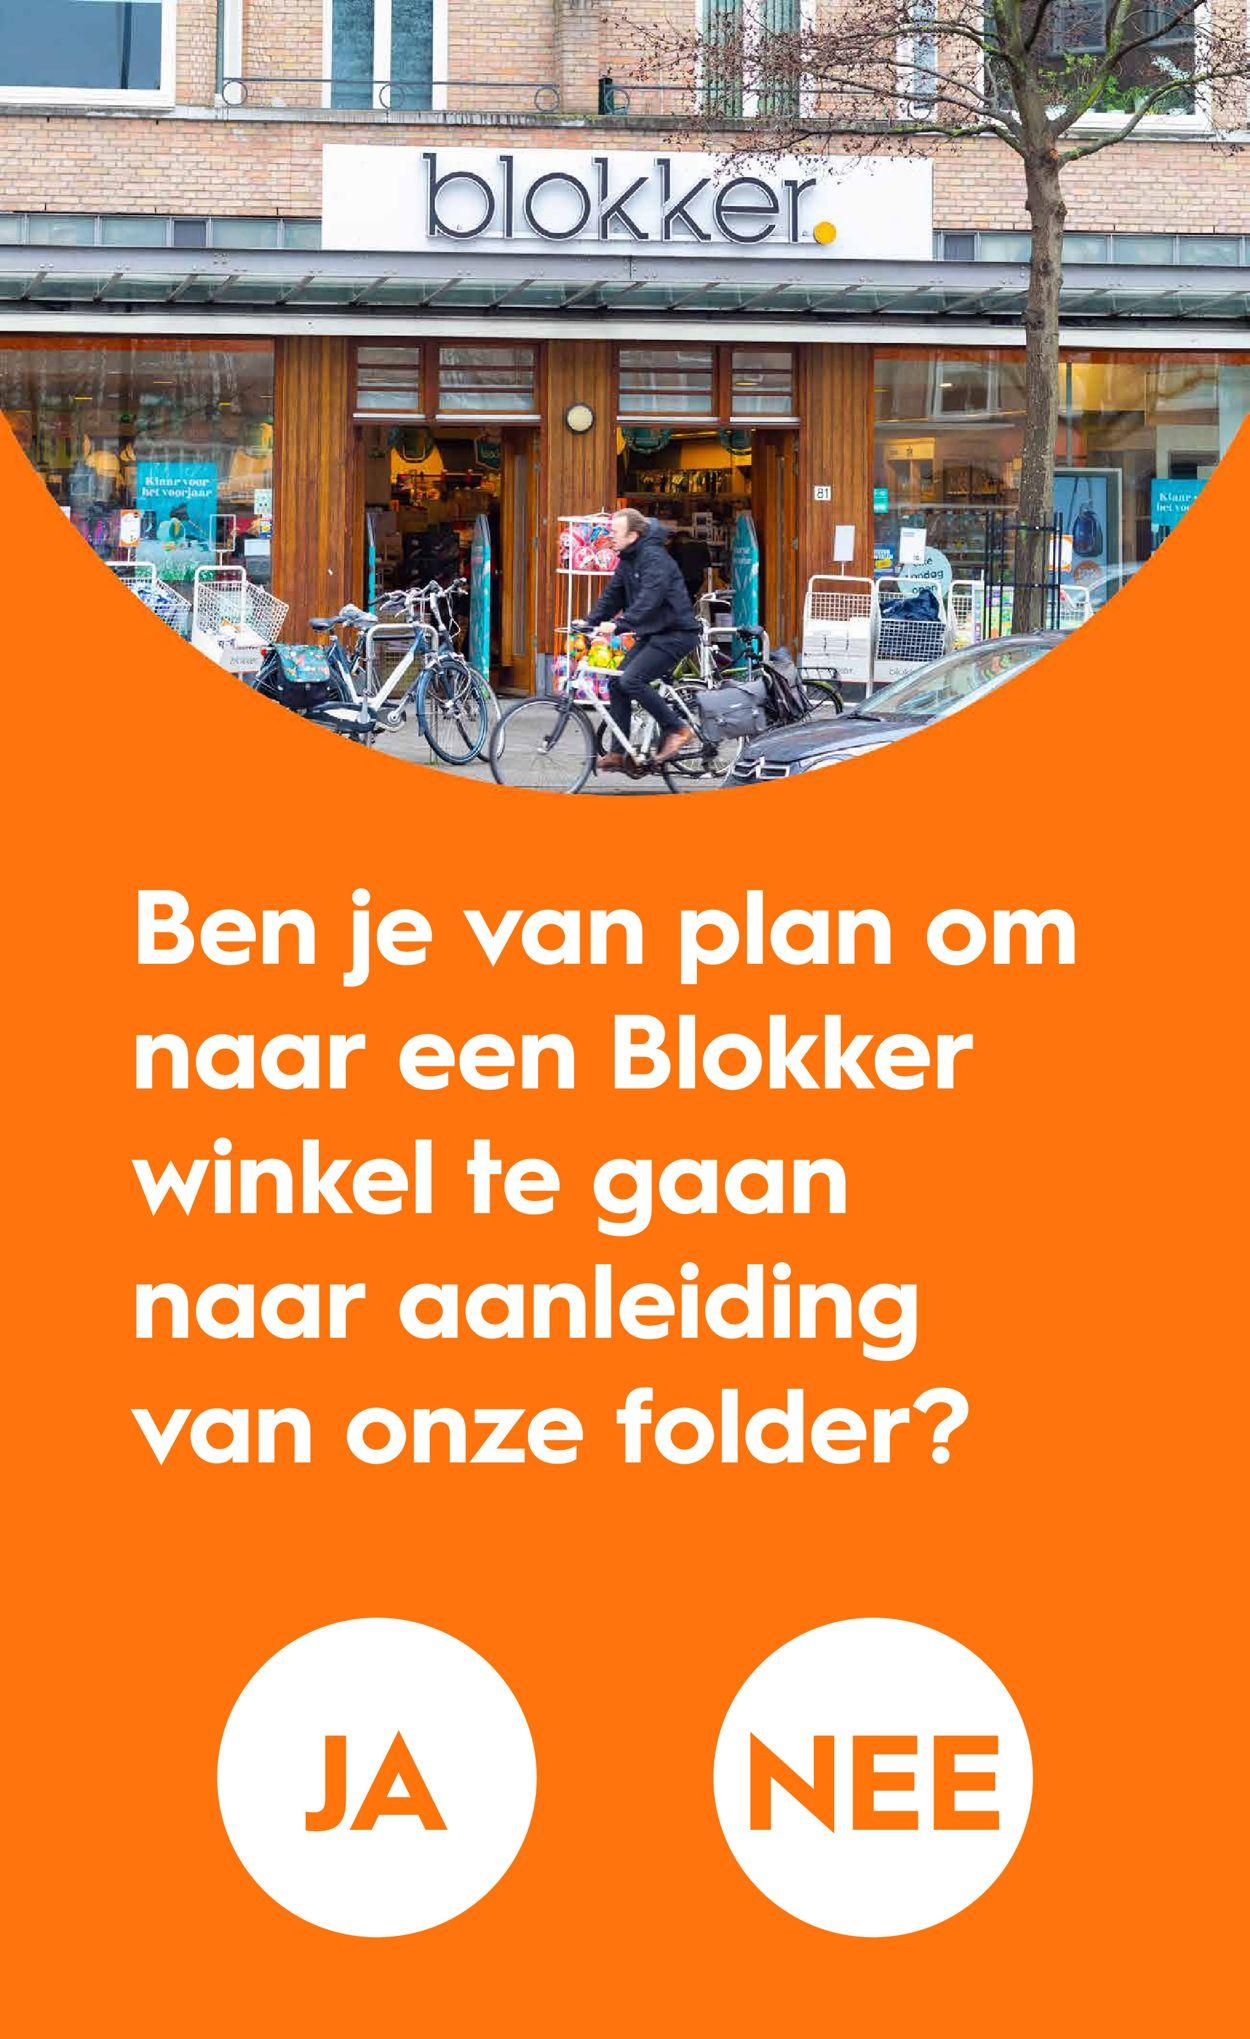 Catalogus van Blokker van 10.08.2020